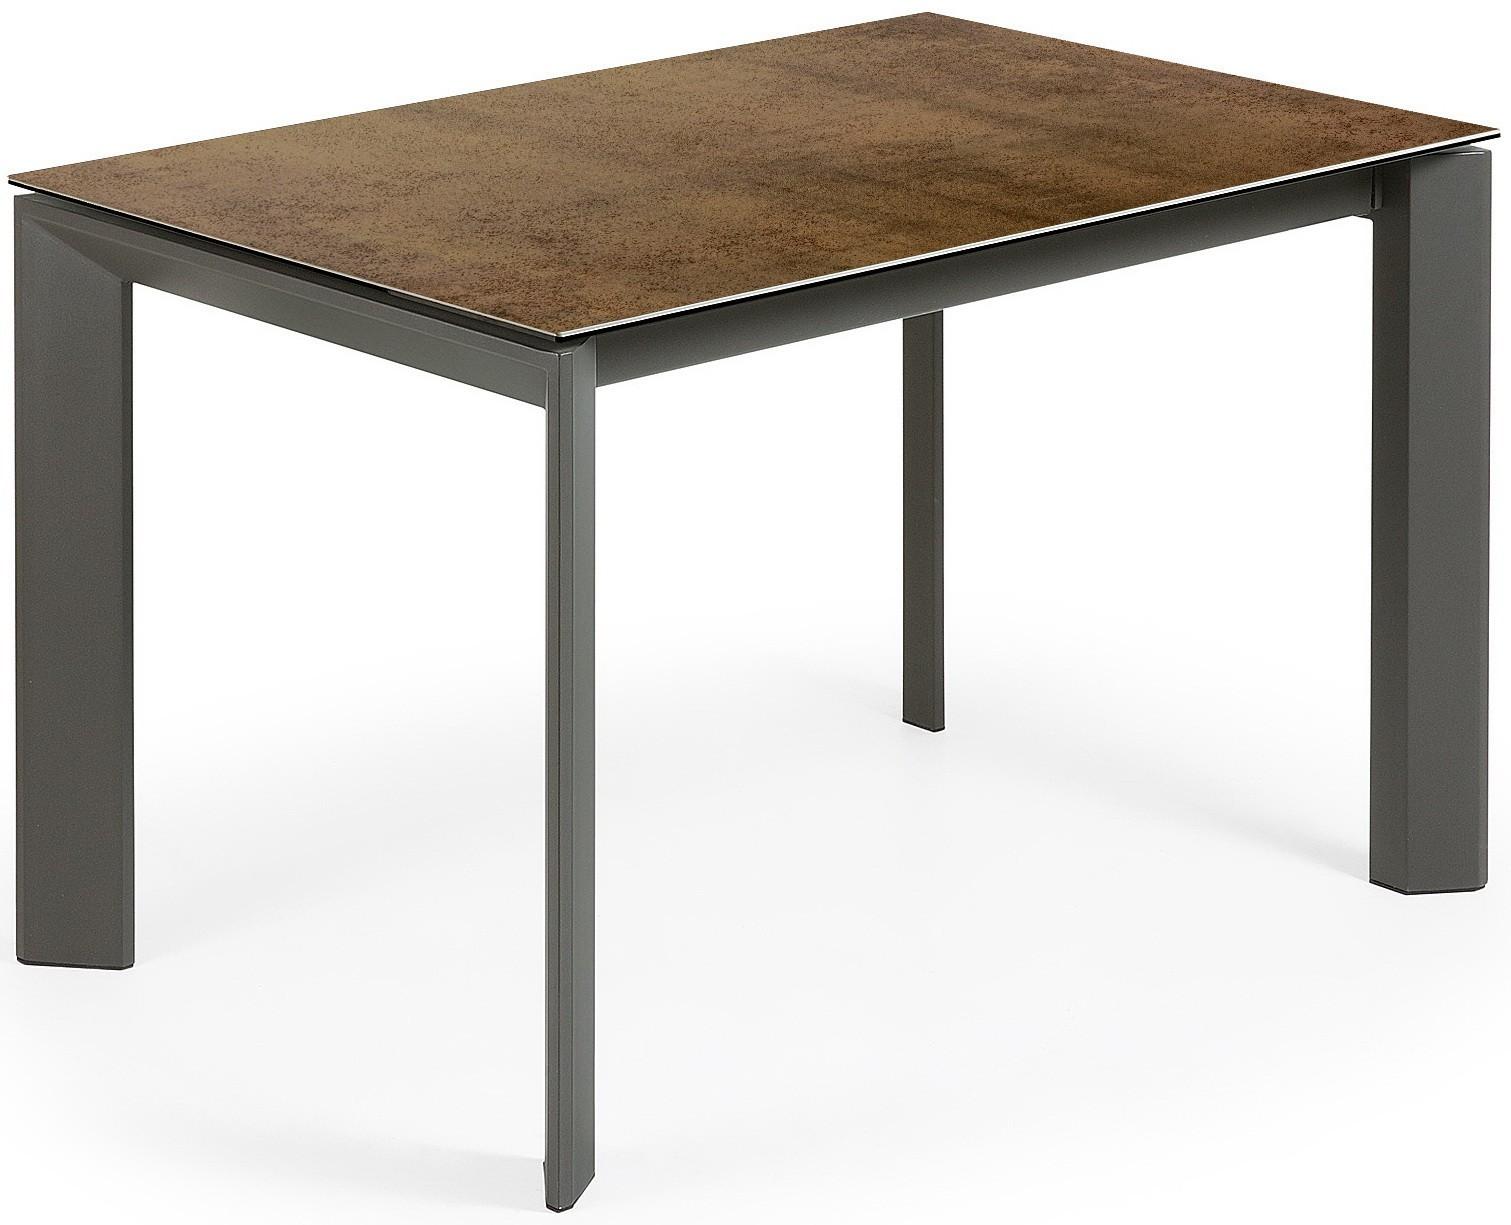 Vendita on-line di tavoli , tavoli allungabili fissi e Su Misura ...